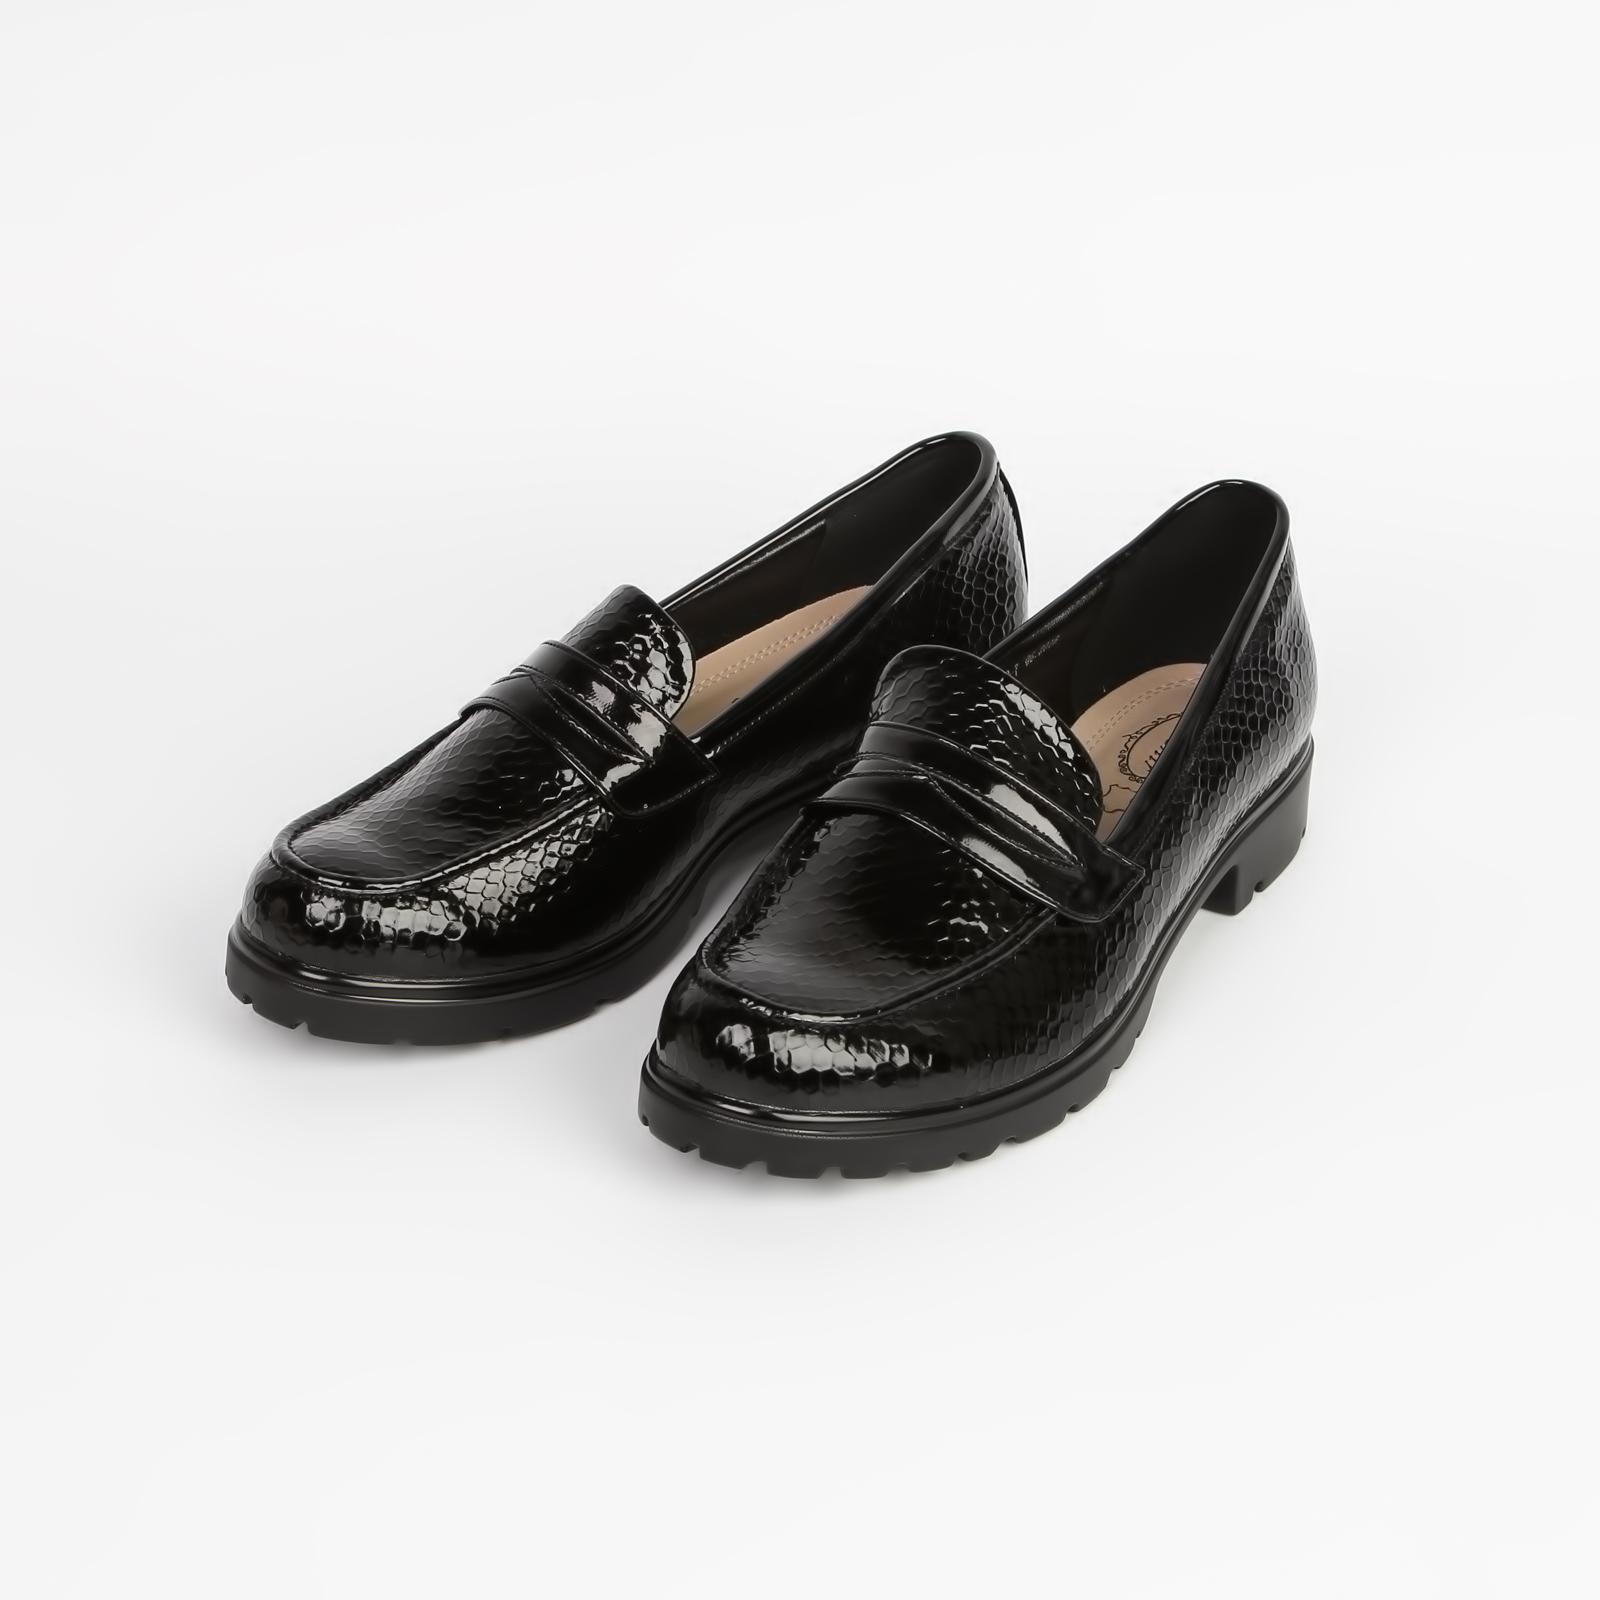 Туфли женские лакированные под «рептилию» с застежкой